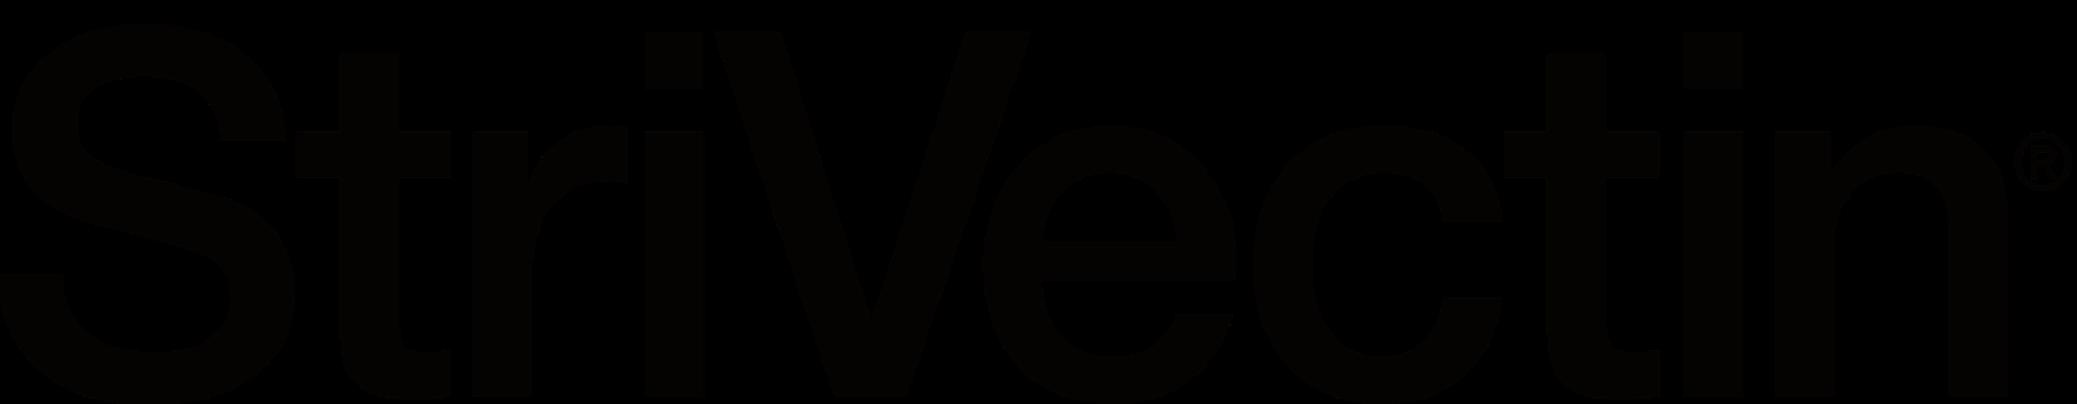 StriVectin-logo-2